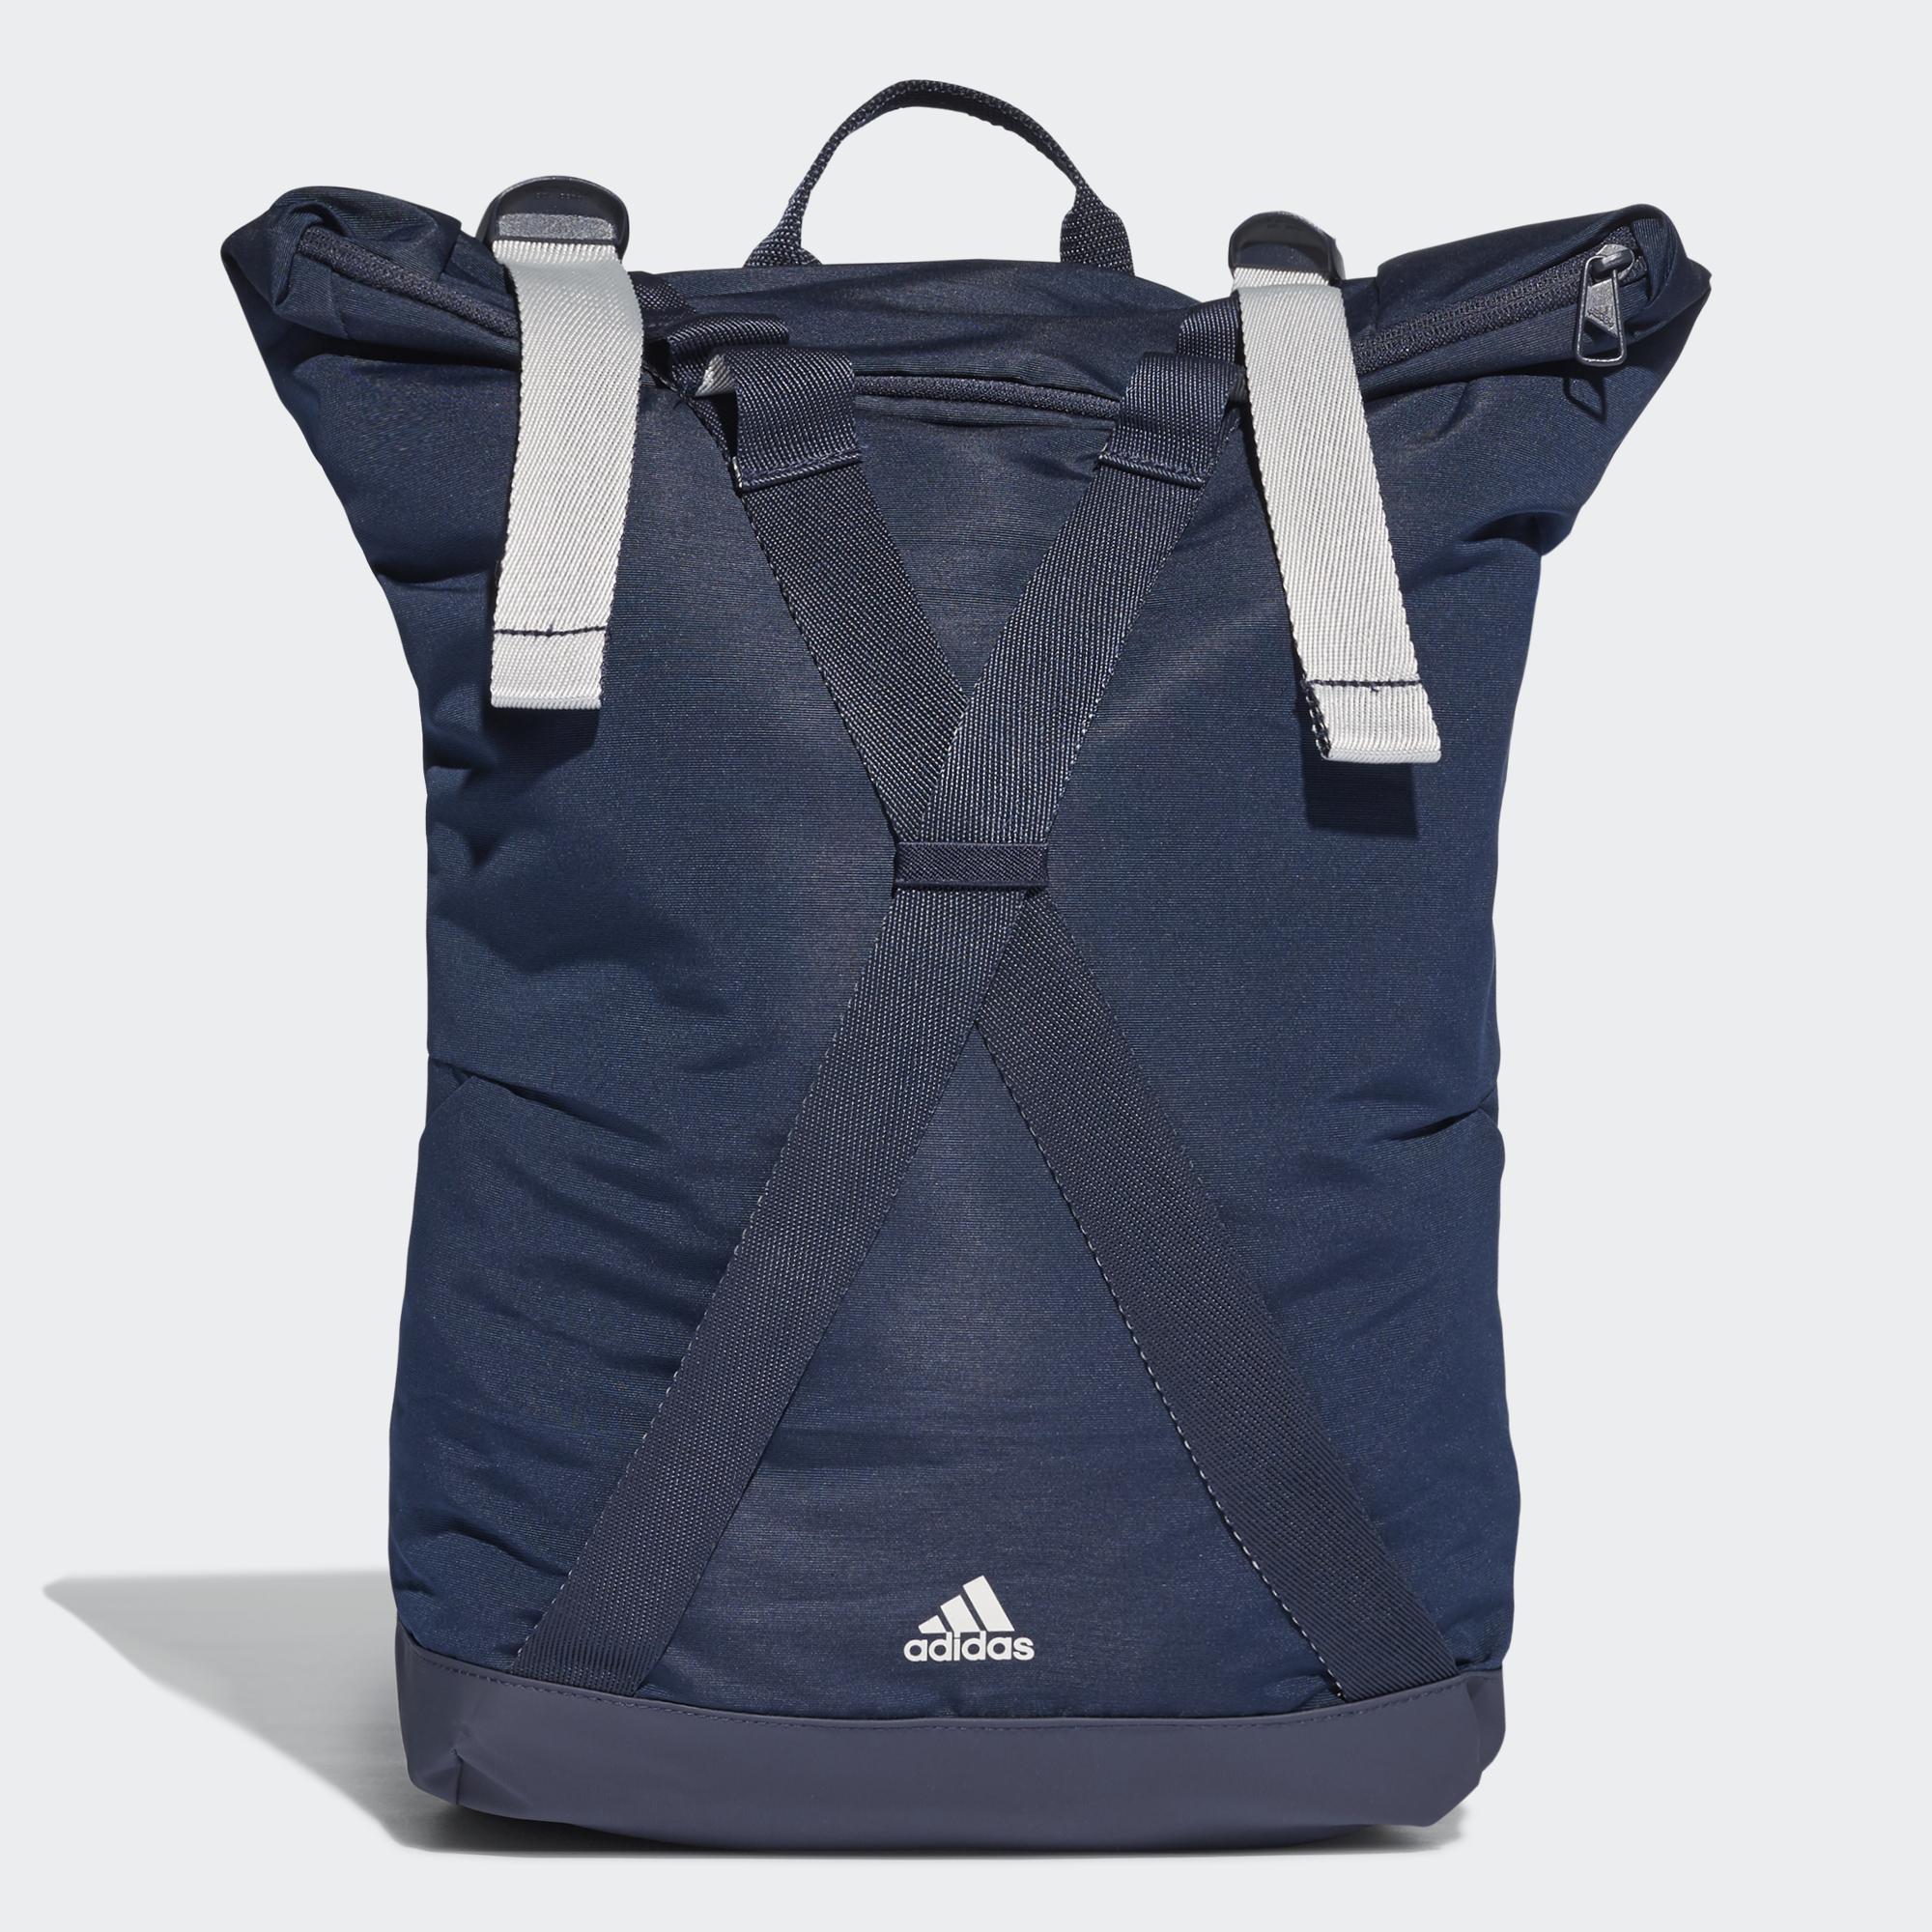 Adidas Zaino Z.n.e. Id